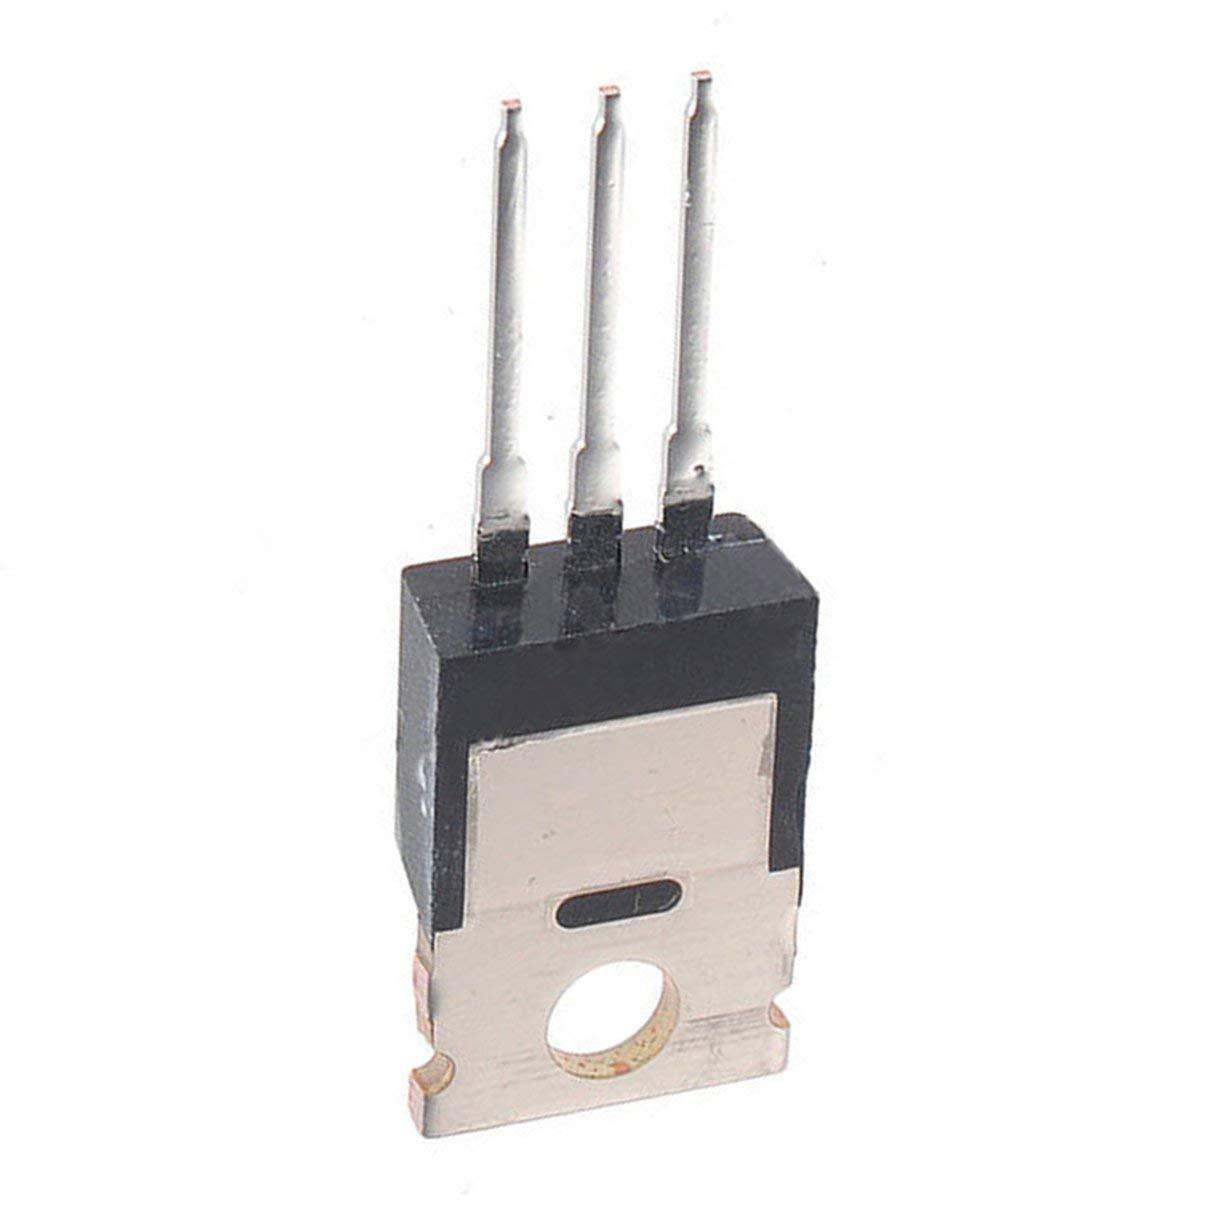 noir 10pcs 55V 49A IRFZ44N IRFZ44 Transistor de puissance MOSFET N-Channel de haute qualit/é Togames-FR